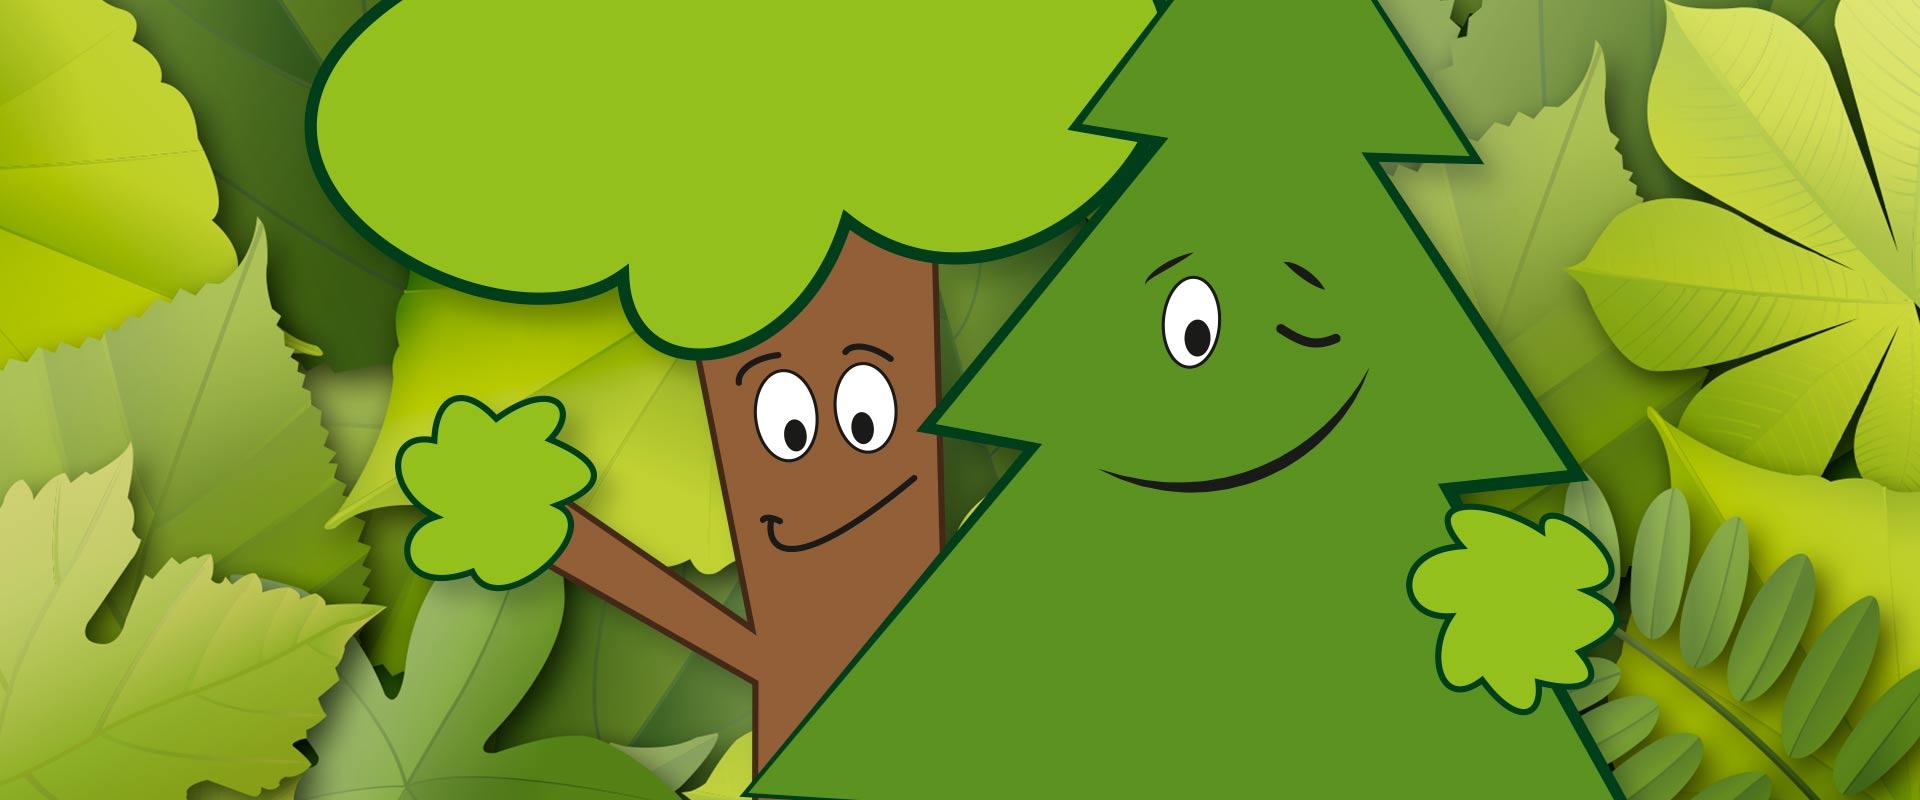 Stubbenfrasen Zum Baumstumpf Entfernen